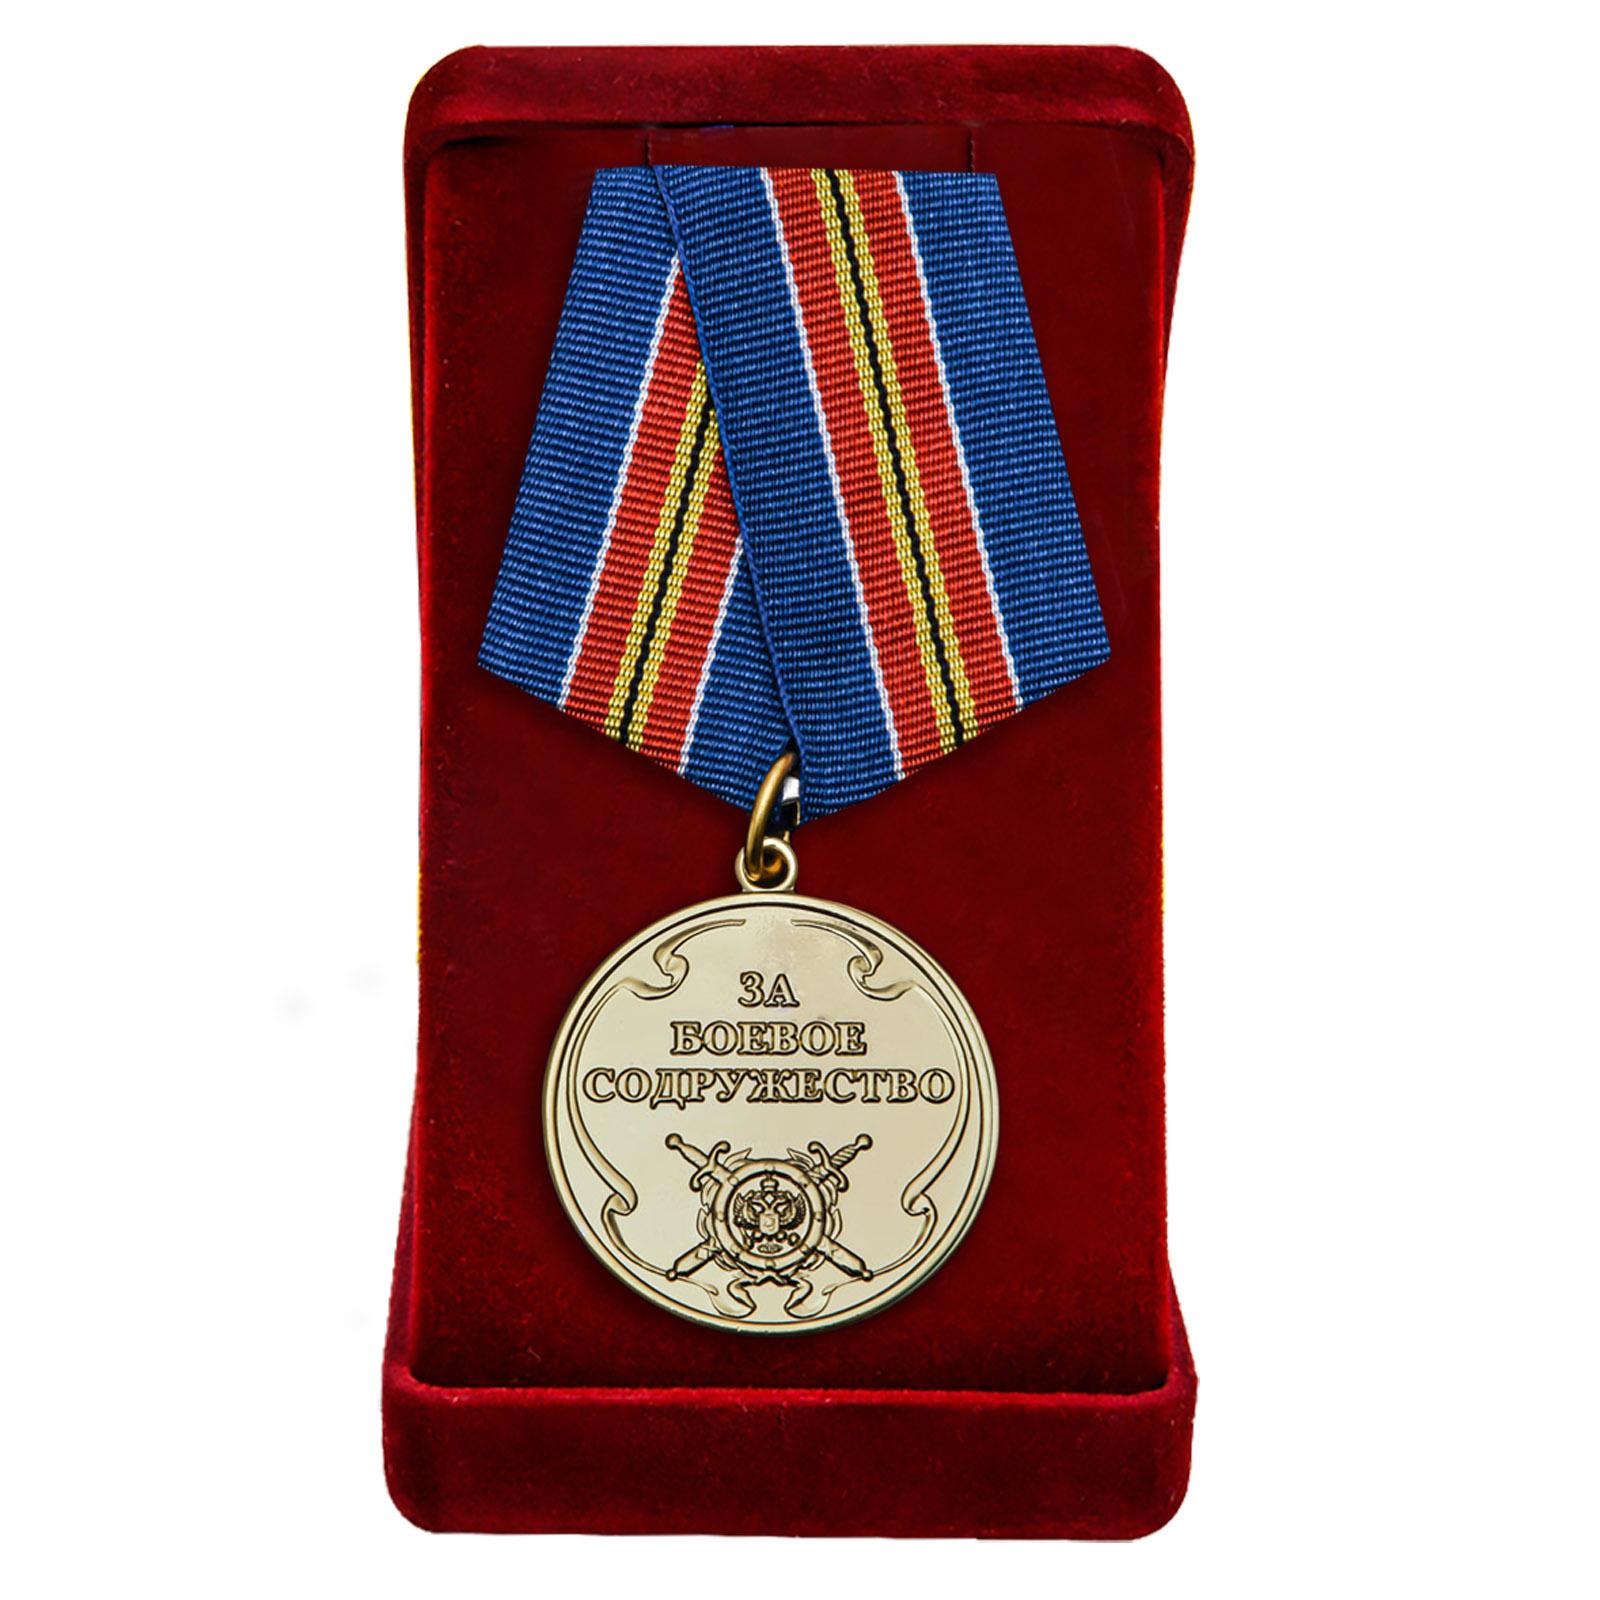 Купить медаль За боевое содружество (МВД) выгодно